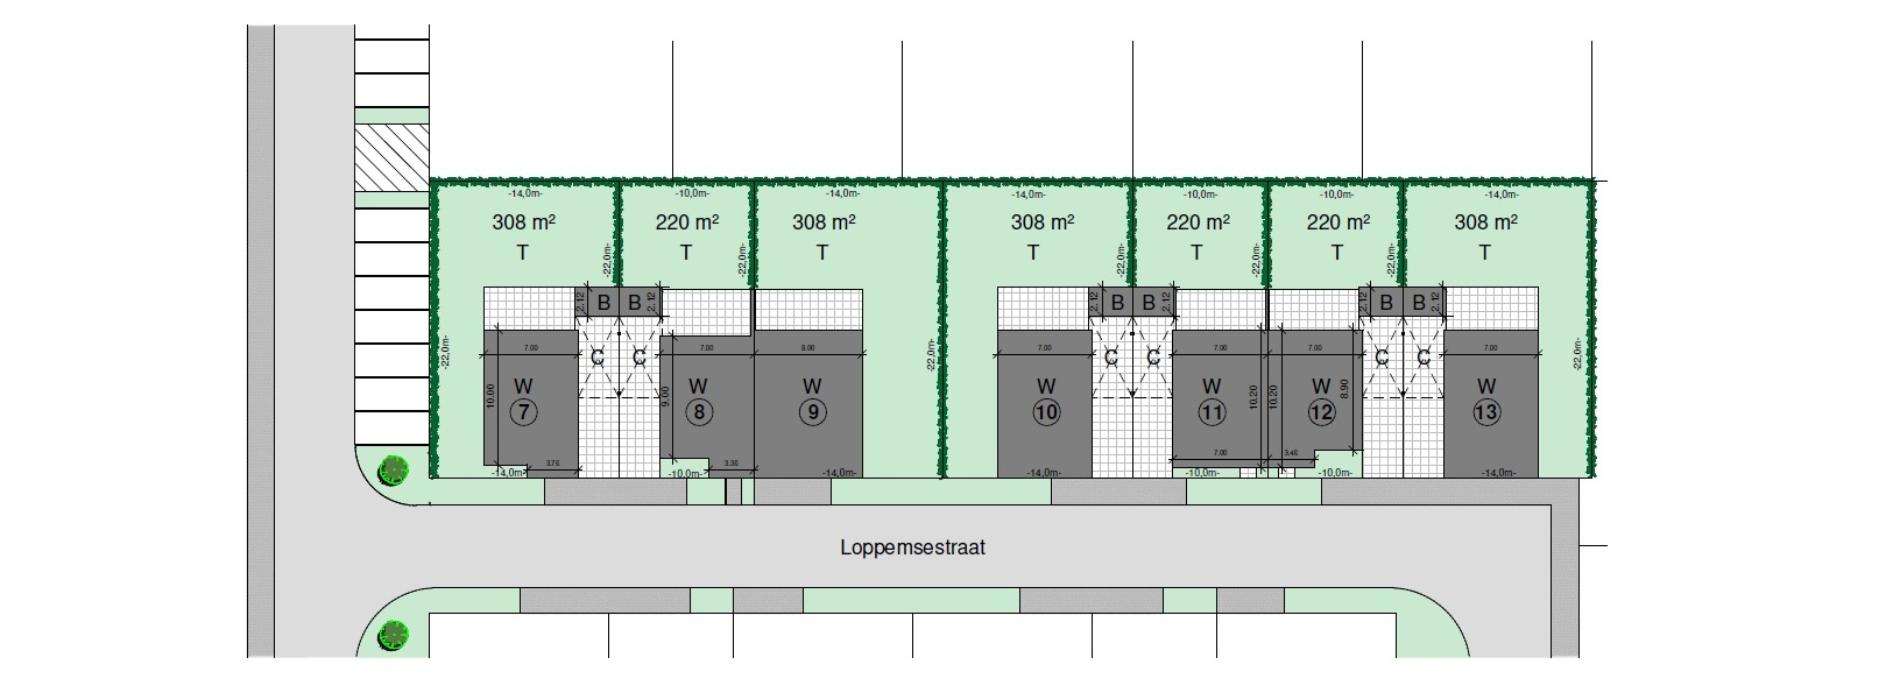 Project Zedelgem Loppemsestraat fase I